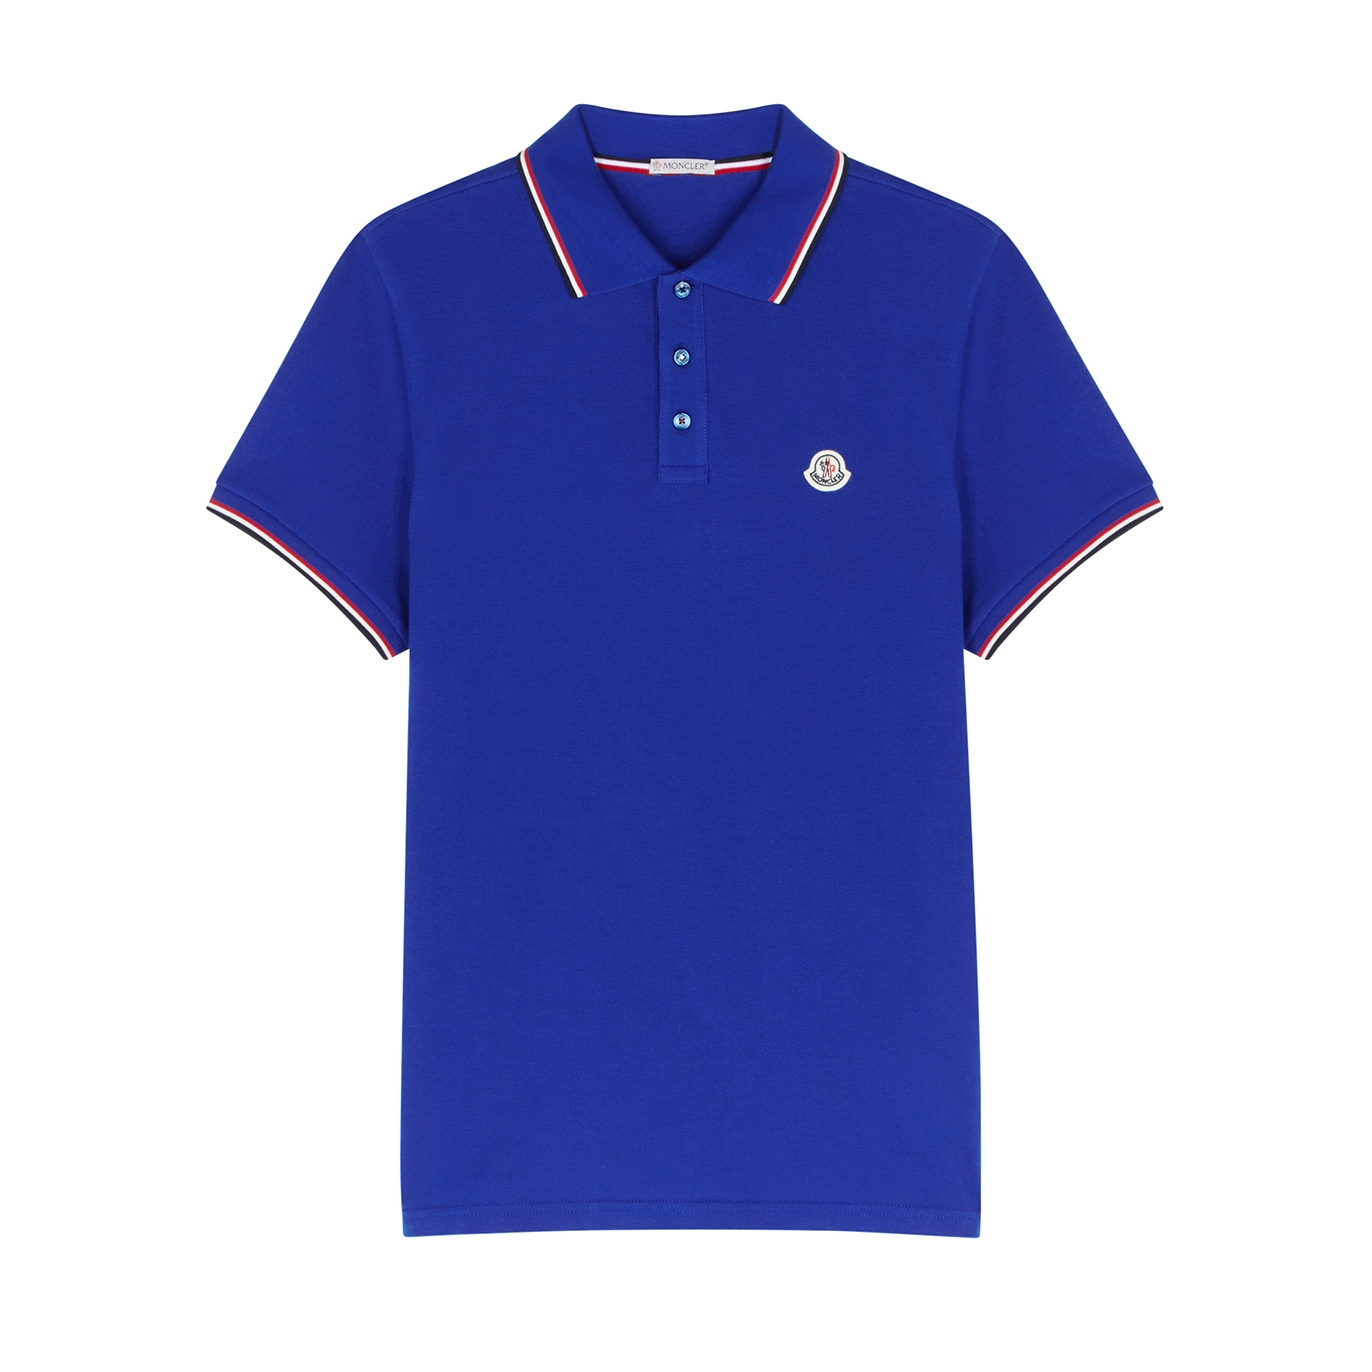 24cc8fe07980 Moncler Royal blue piqué cotton polo shirt - Harvey Nichols